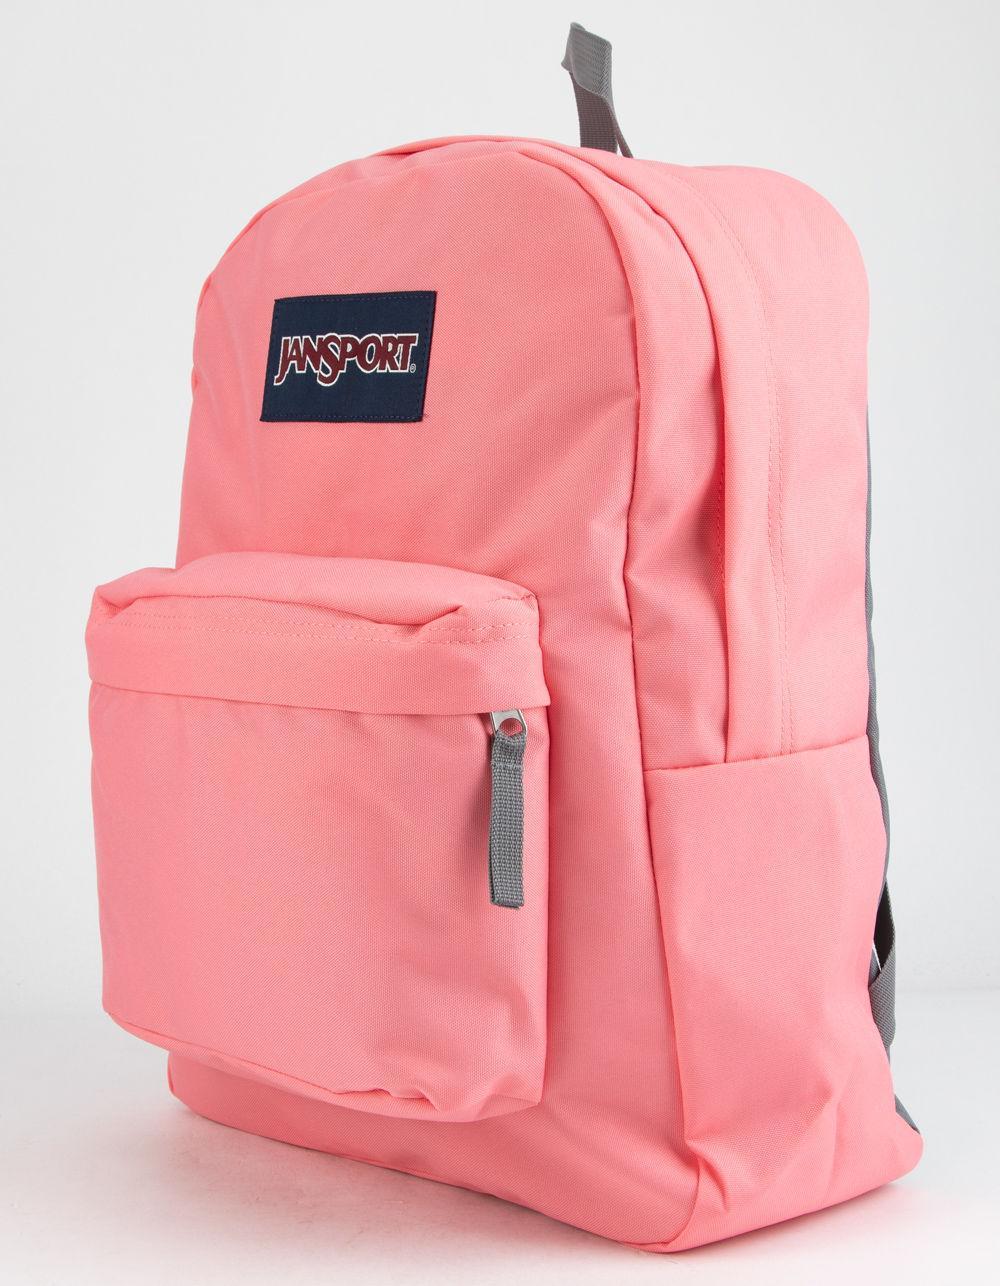 Jansport Superbreak Backpack Pink | Fitzpatrick Painting